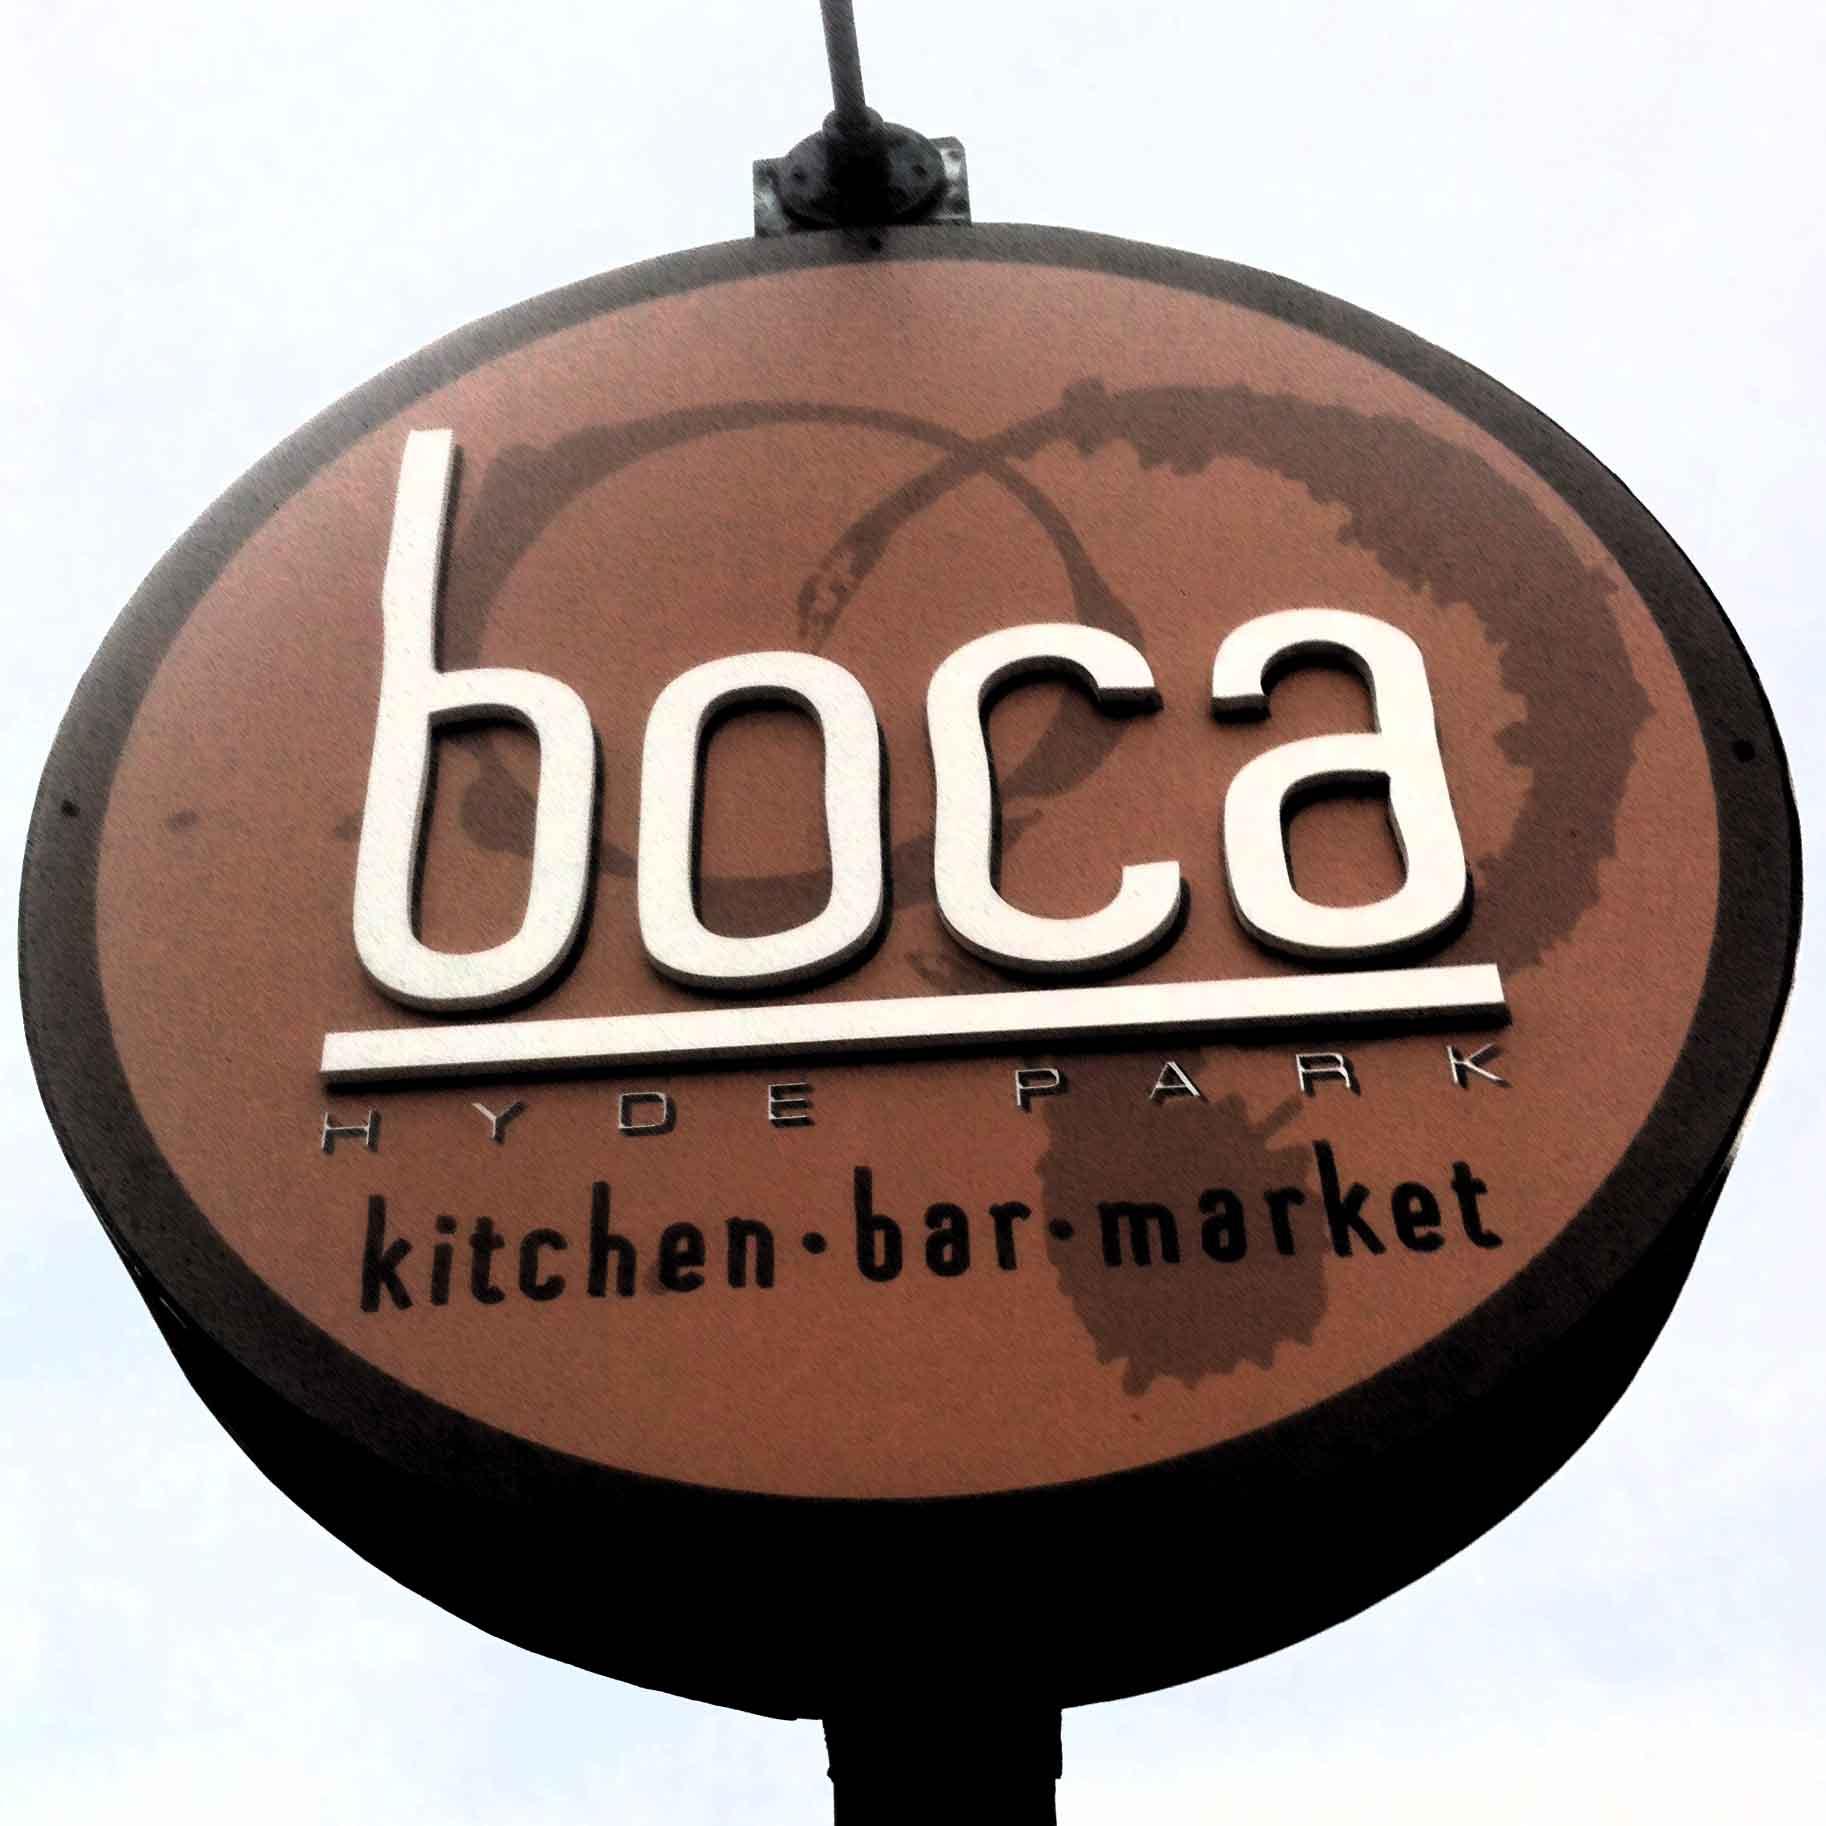 Boca Kitchen Bar Market Tampa Fl